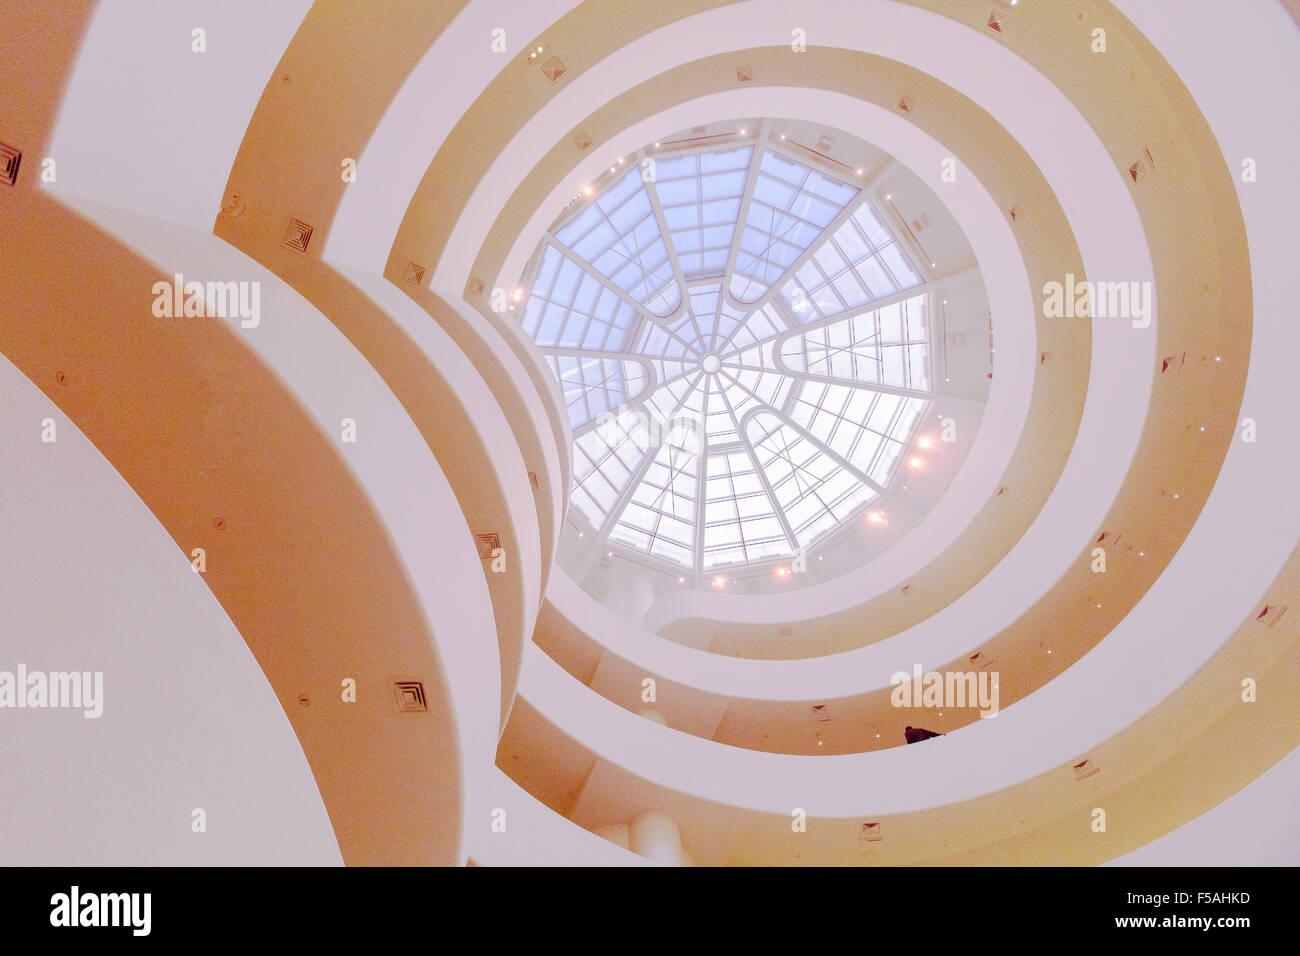 El Museo Guggenheim de Nueva York, Estados Unidos de América. Diseñado por Frank Lloyd Wright. Foto de stock